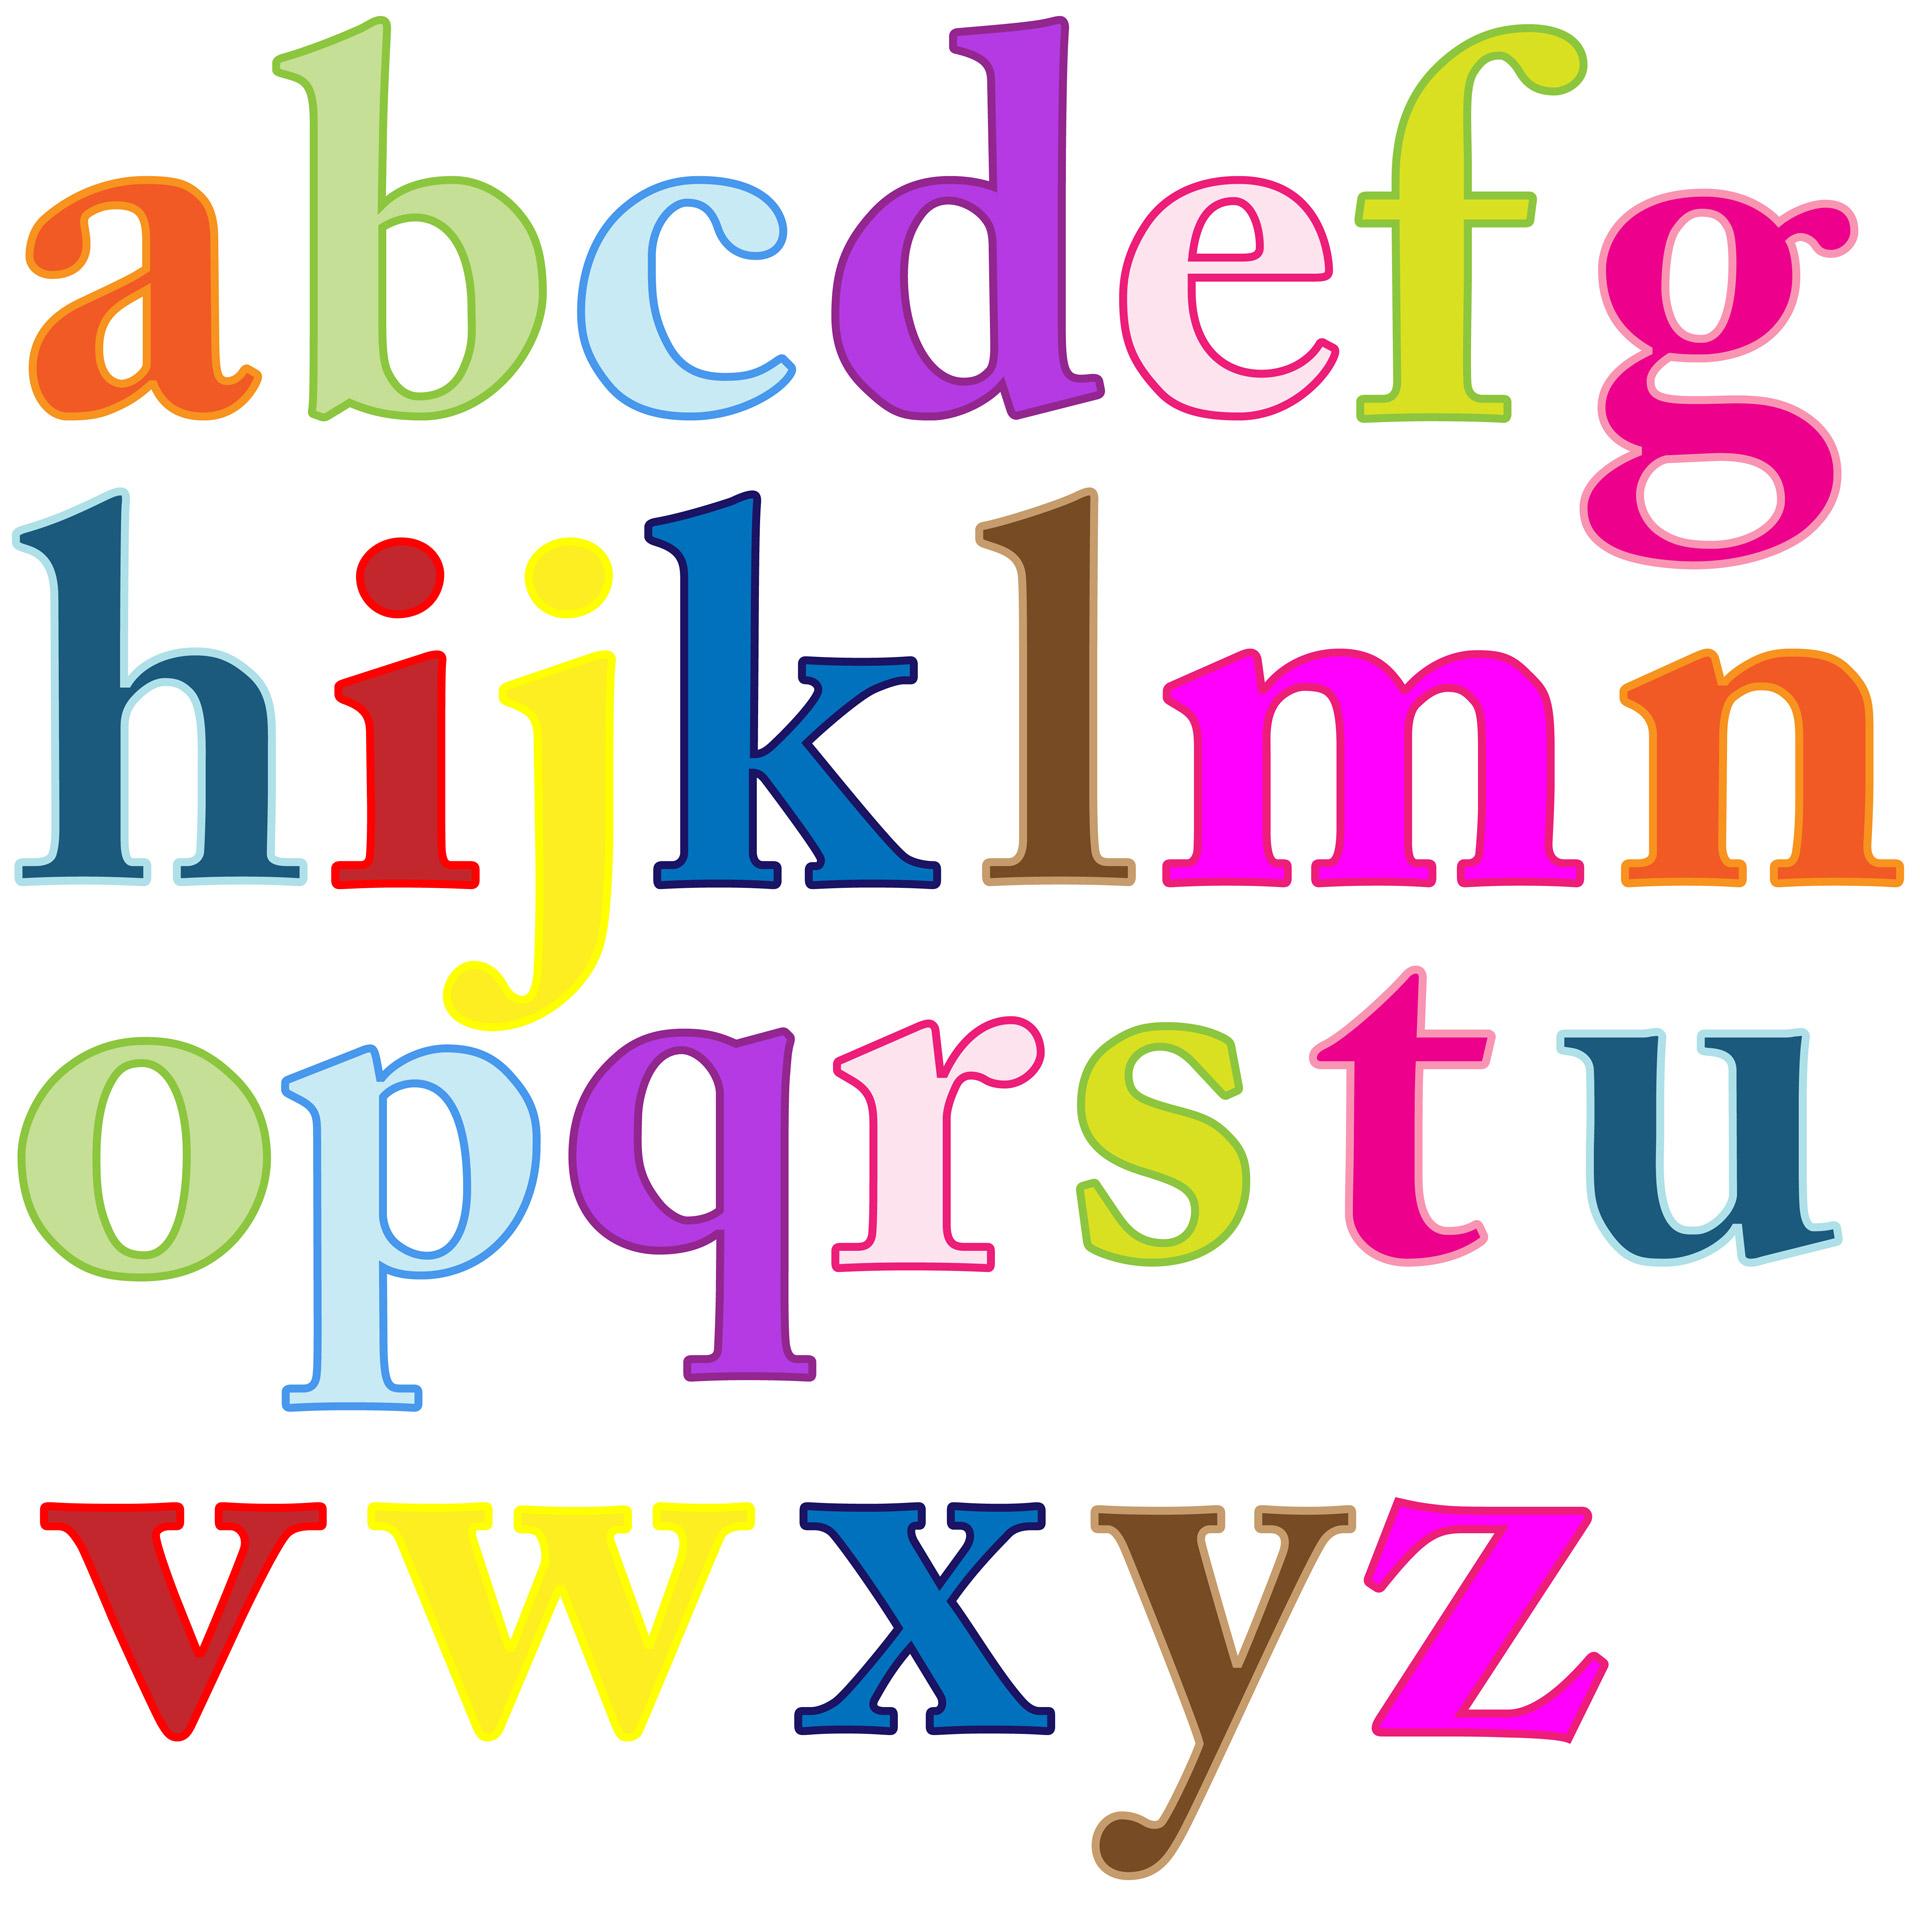 Alphabet a clipart vector transparent Alphabet Letters Clip-art Free Stock Photo - Public Domain Pictures vector transparent